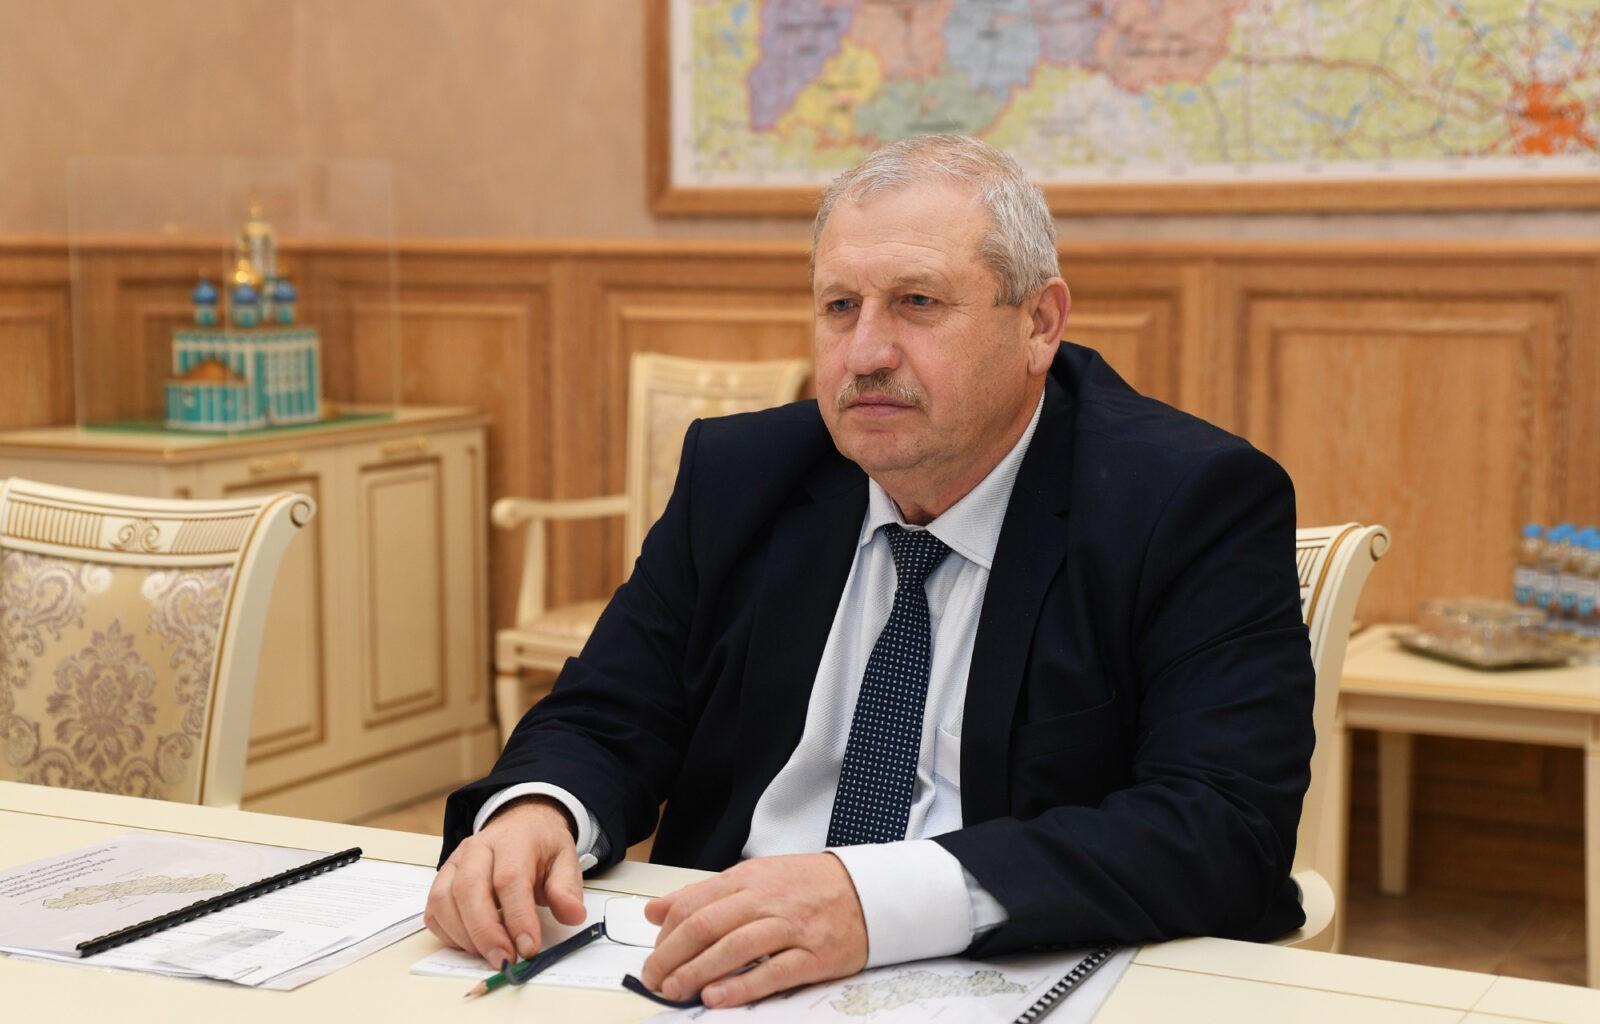 Николай Баранник: Новая дорога сократит расстояние до Северной столицы